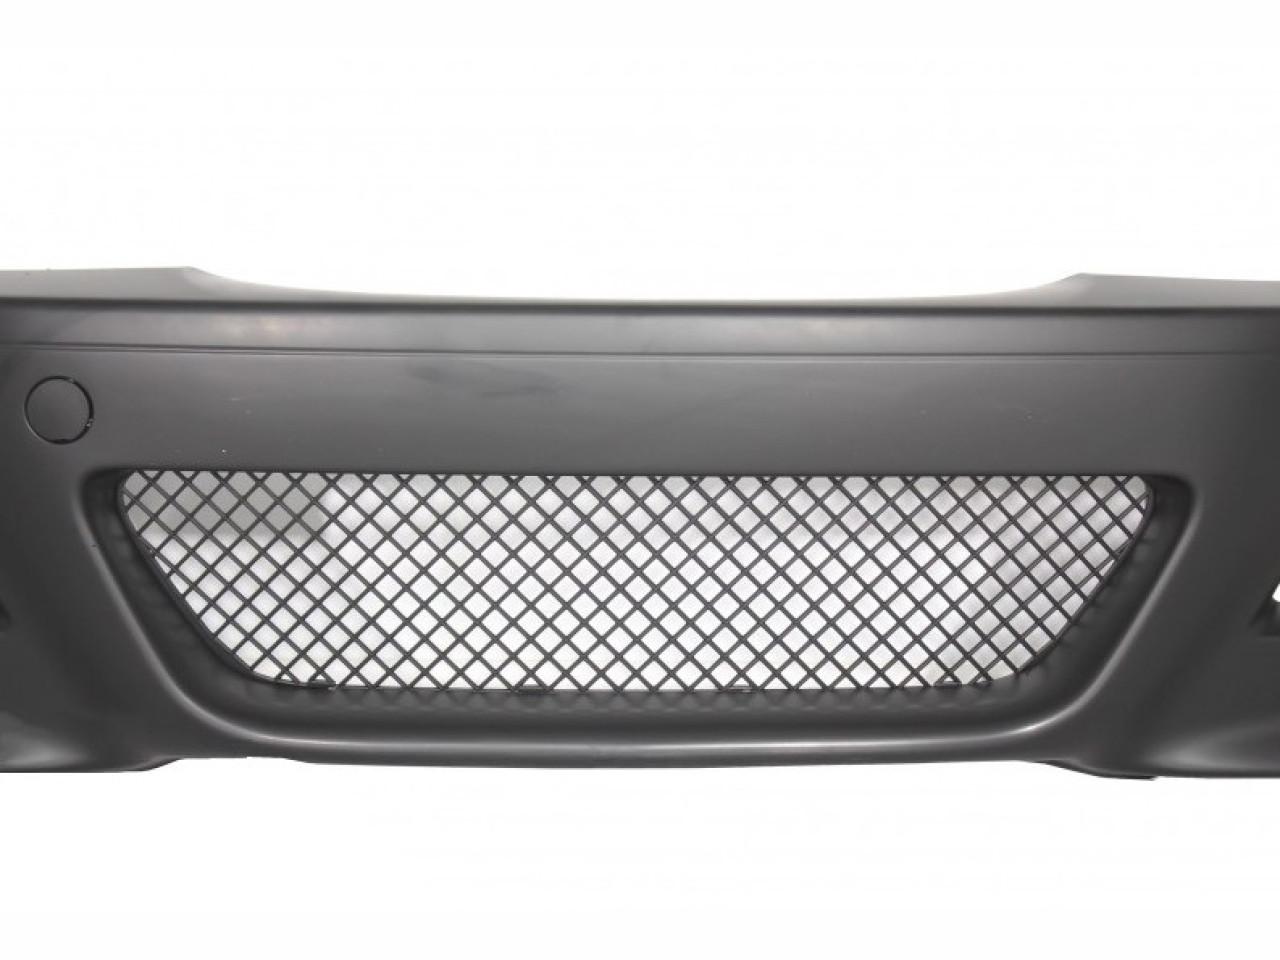 Bara fata BMW Seria 3 E46 (98-05) M3 Design - Fara Proiectoare